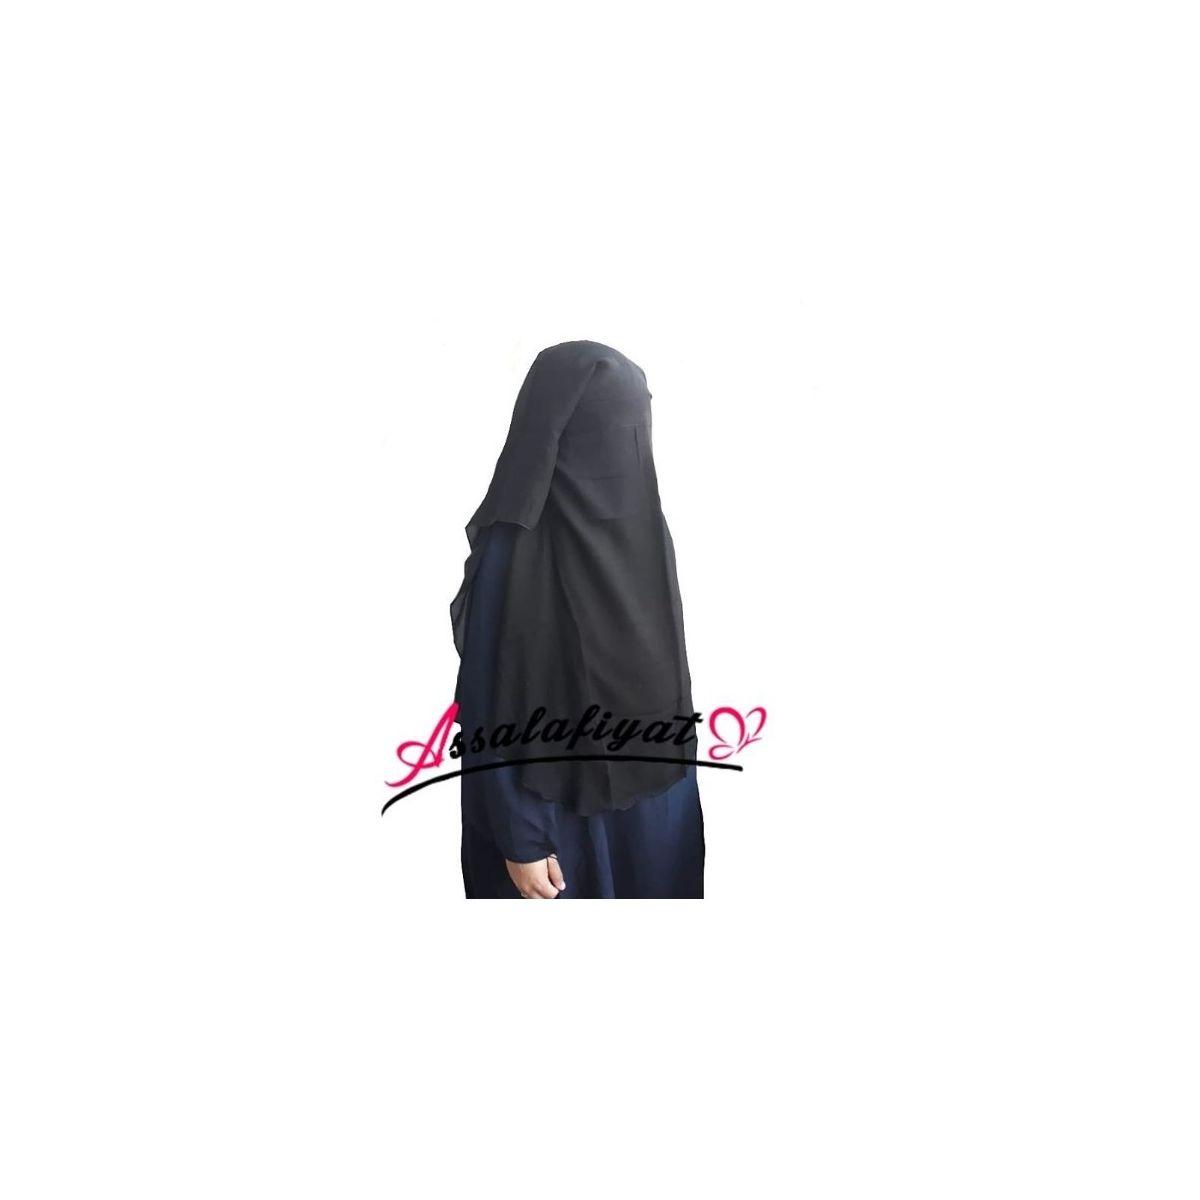 Niqab/sitar saoudien 3 voiles